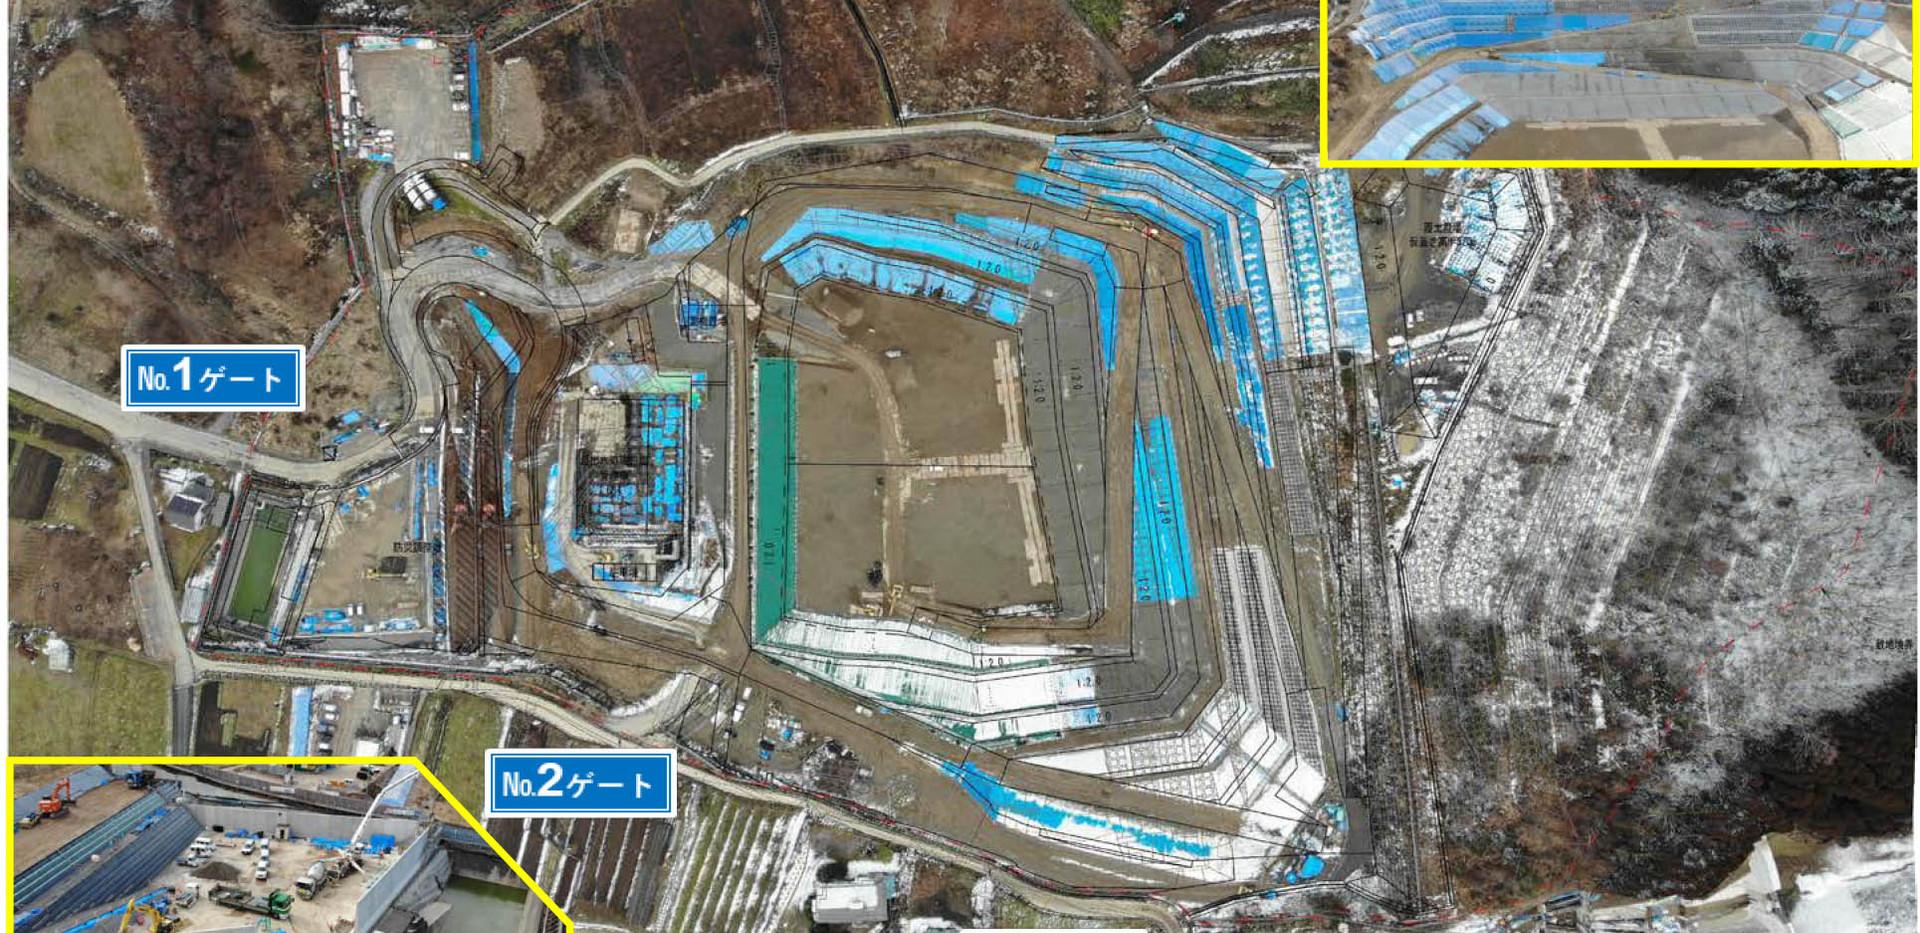 令和2年1月 排水工事など構造物工事が中心となっています。